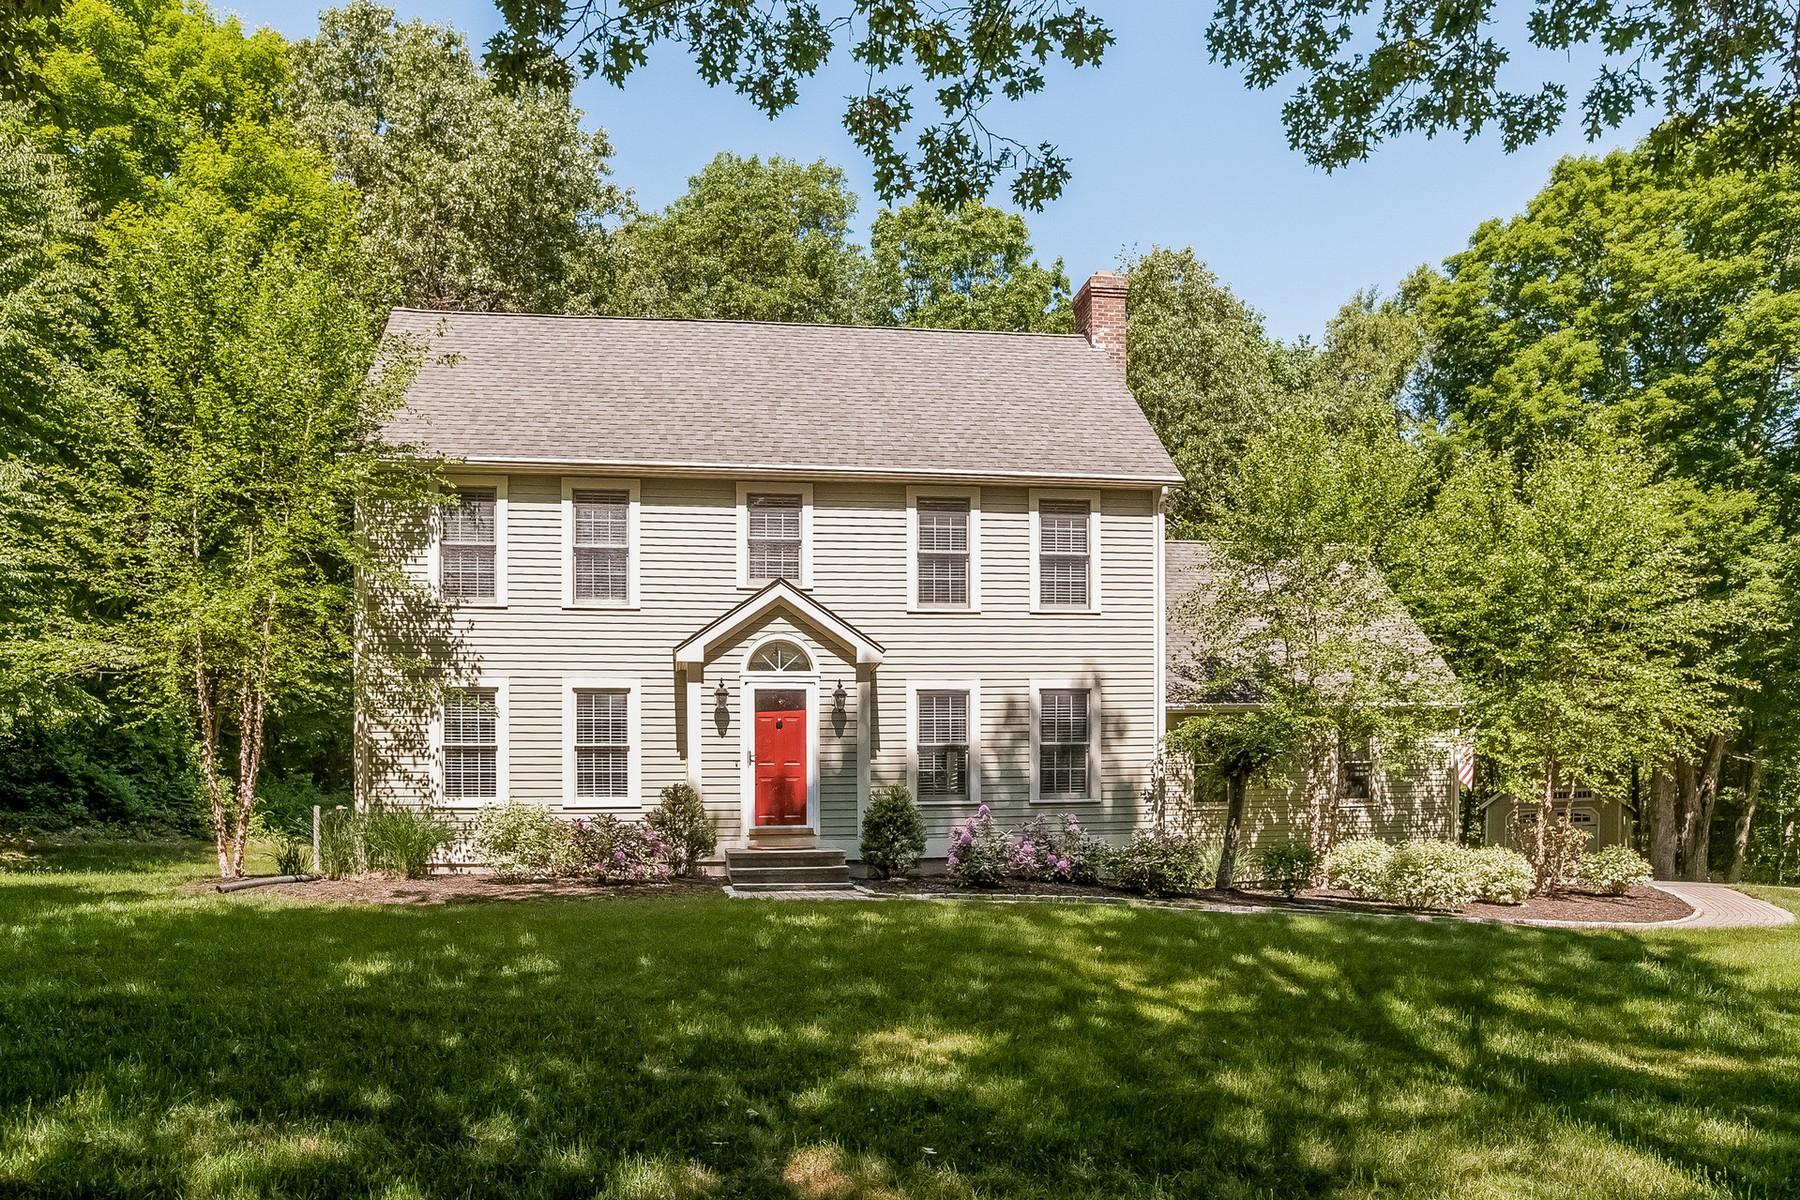 Vivienda unifamiliar por un Venta en Beautifully Sited on Cul-De-Sac 7 Lords Meadow Ln Old Lyme, Connecticut 06371 Estados Unidos